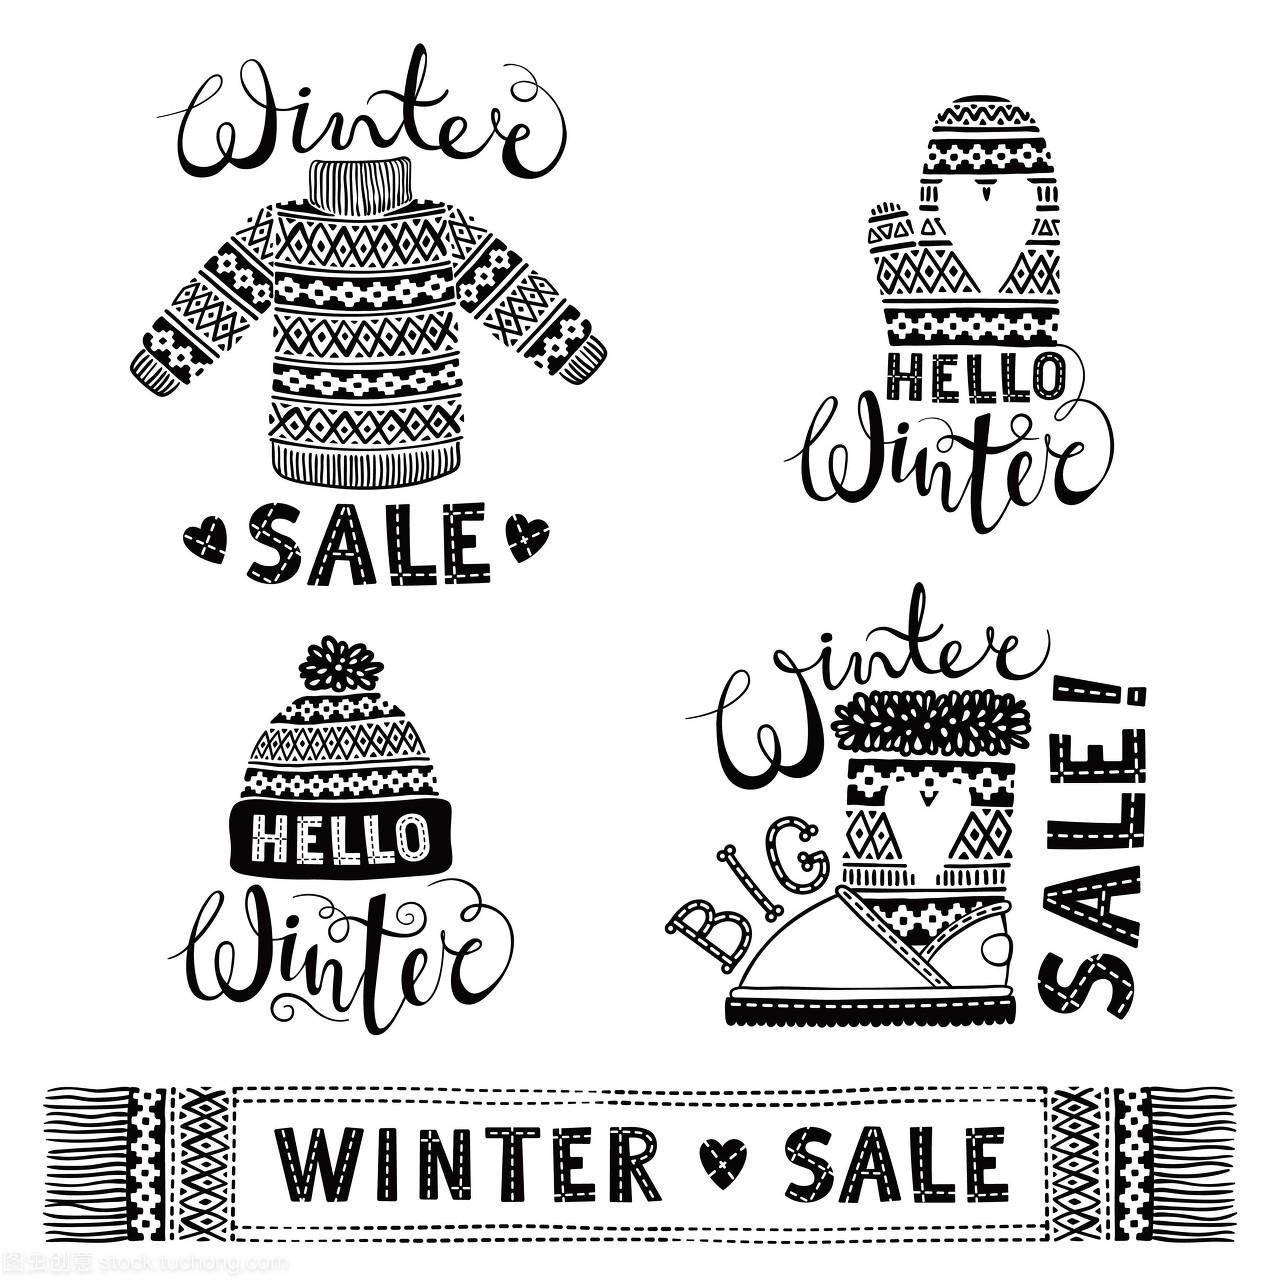 设置图纸针织毛织品和鞋类。帽子,毛衣,人物,靴豆手套拼图纸图片